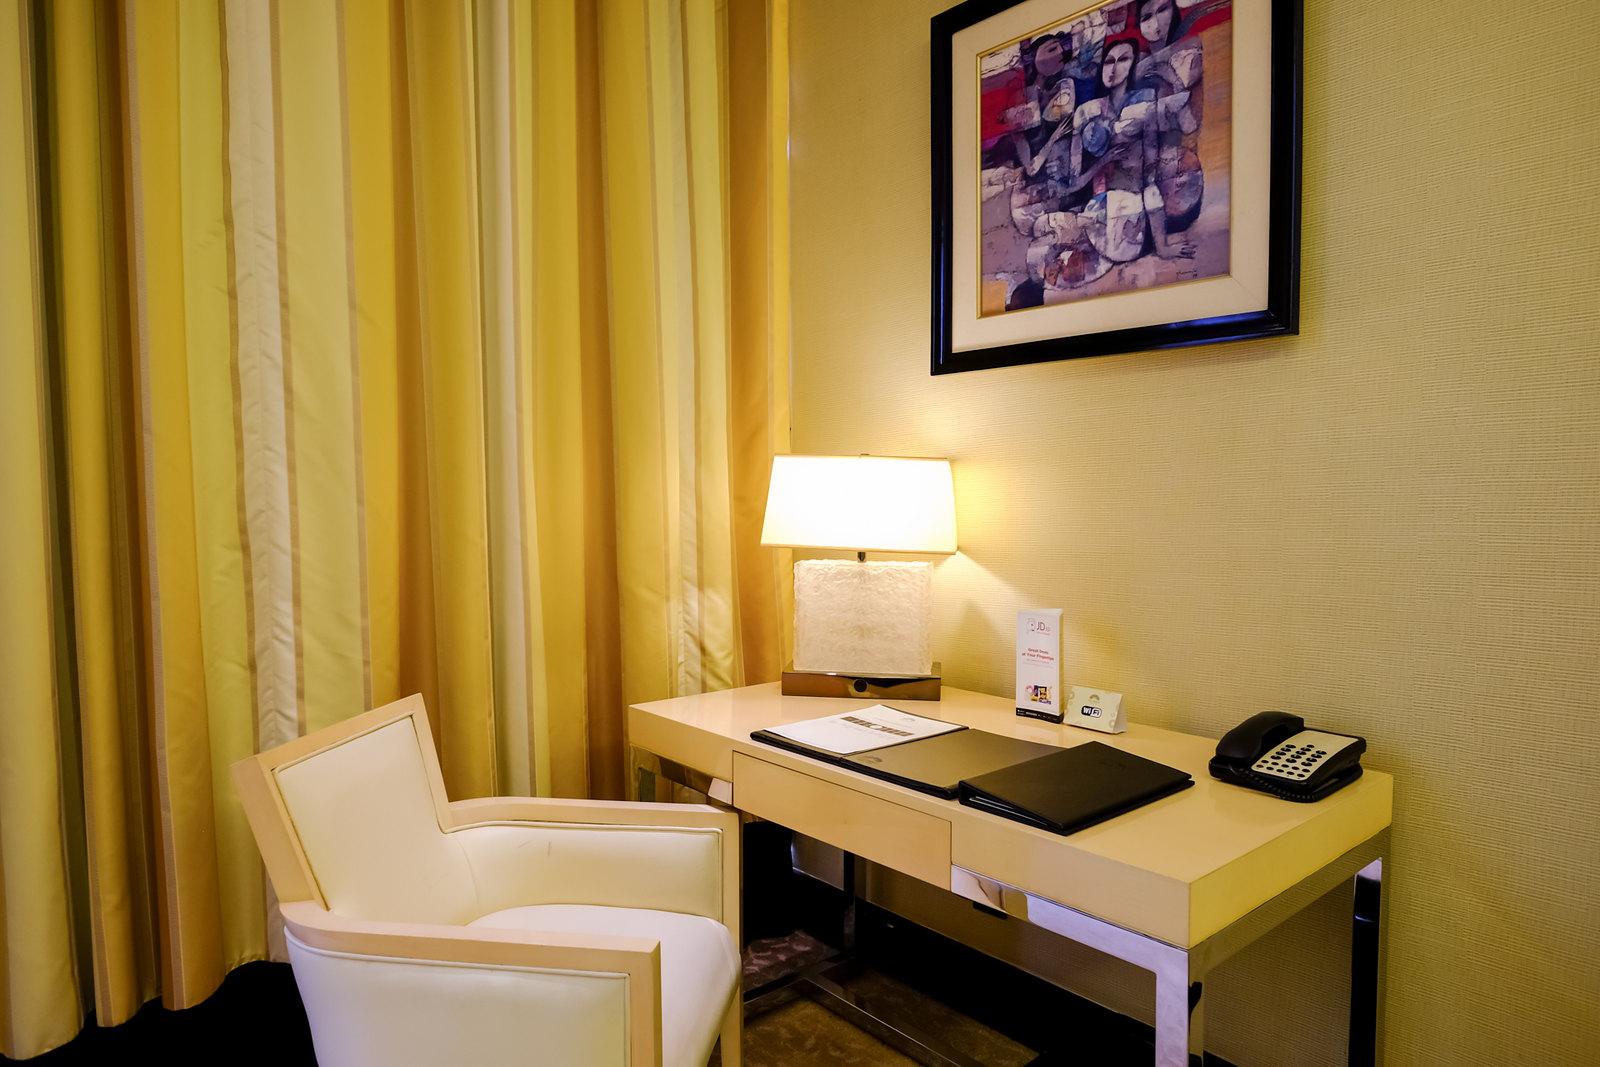 Desk in the corner